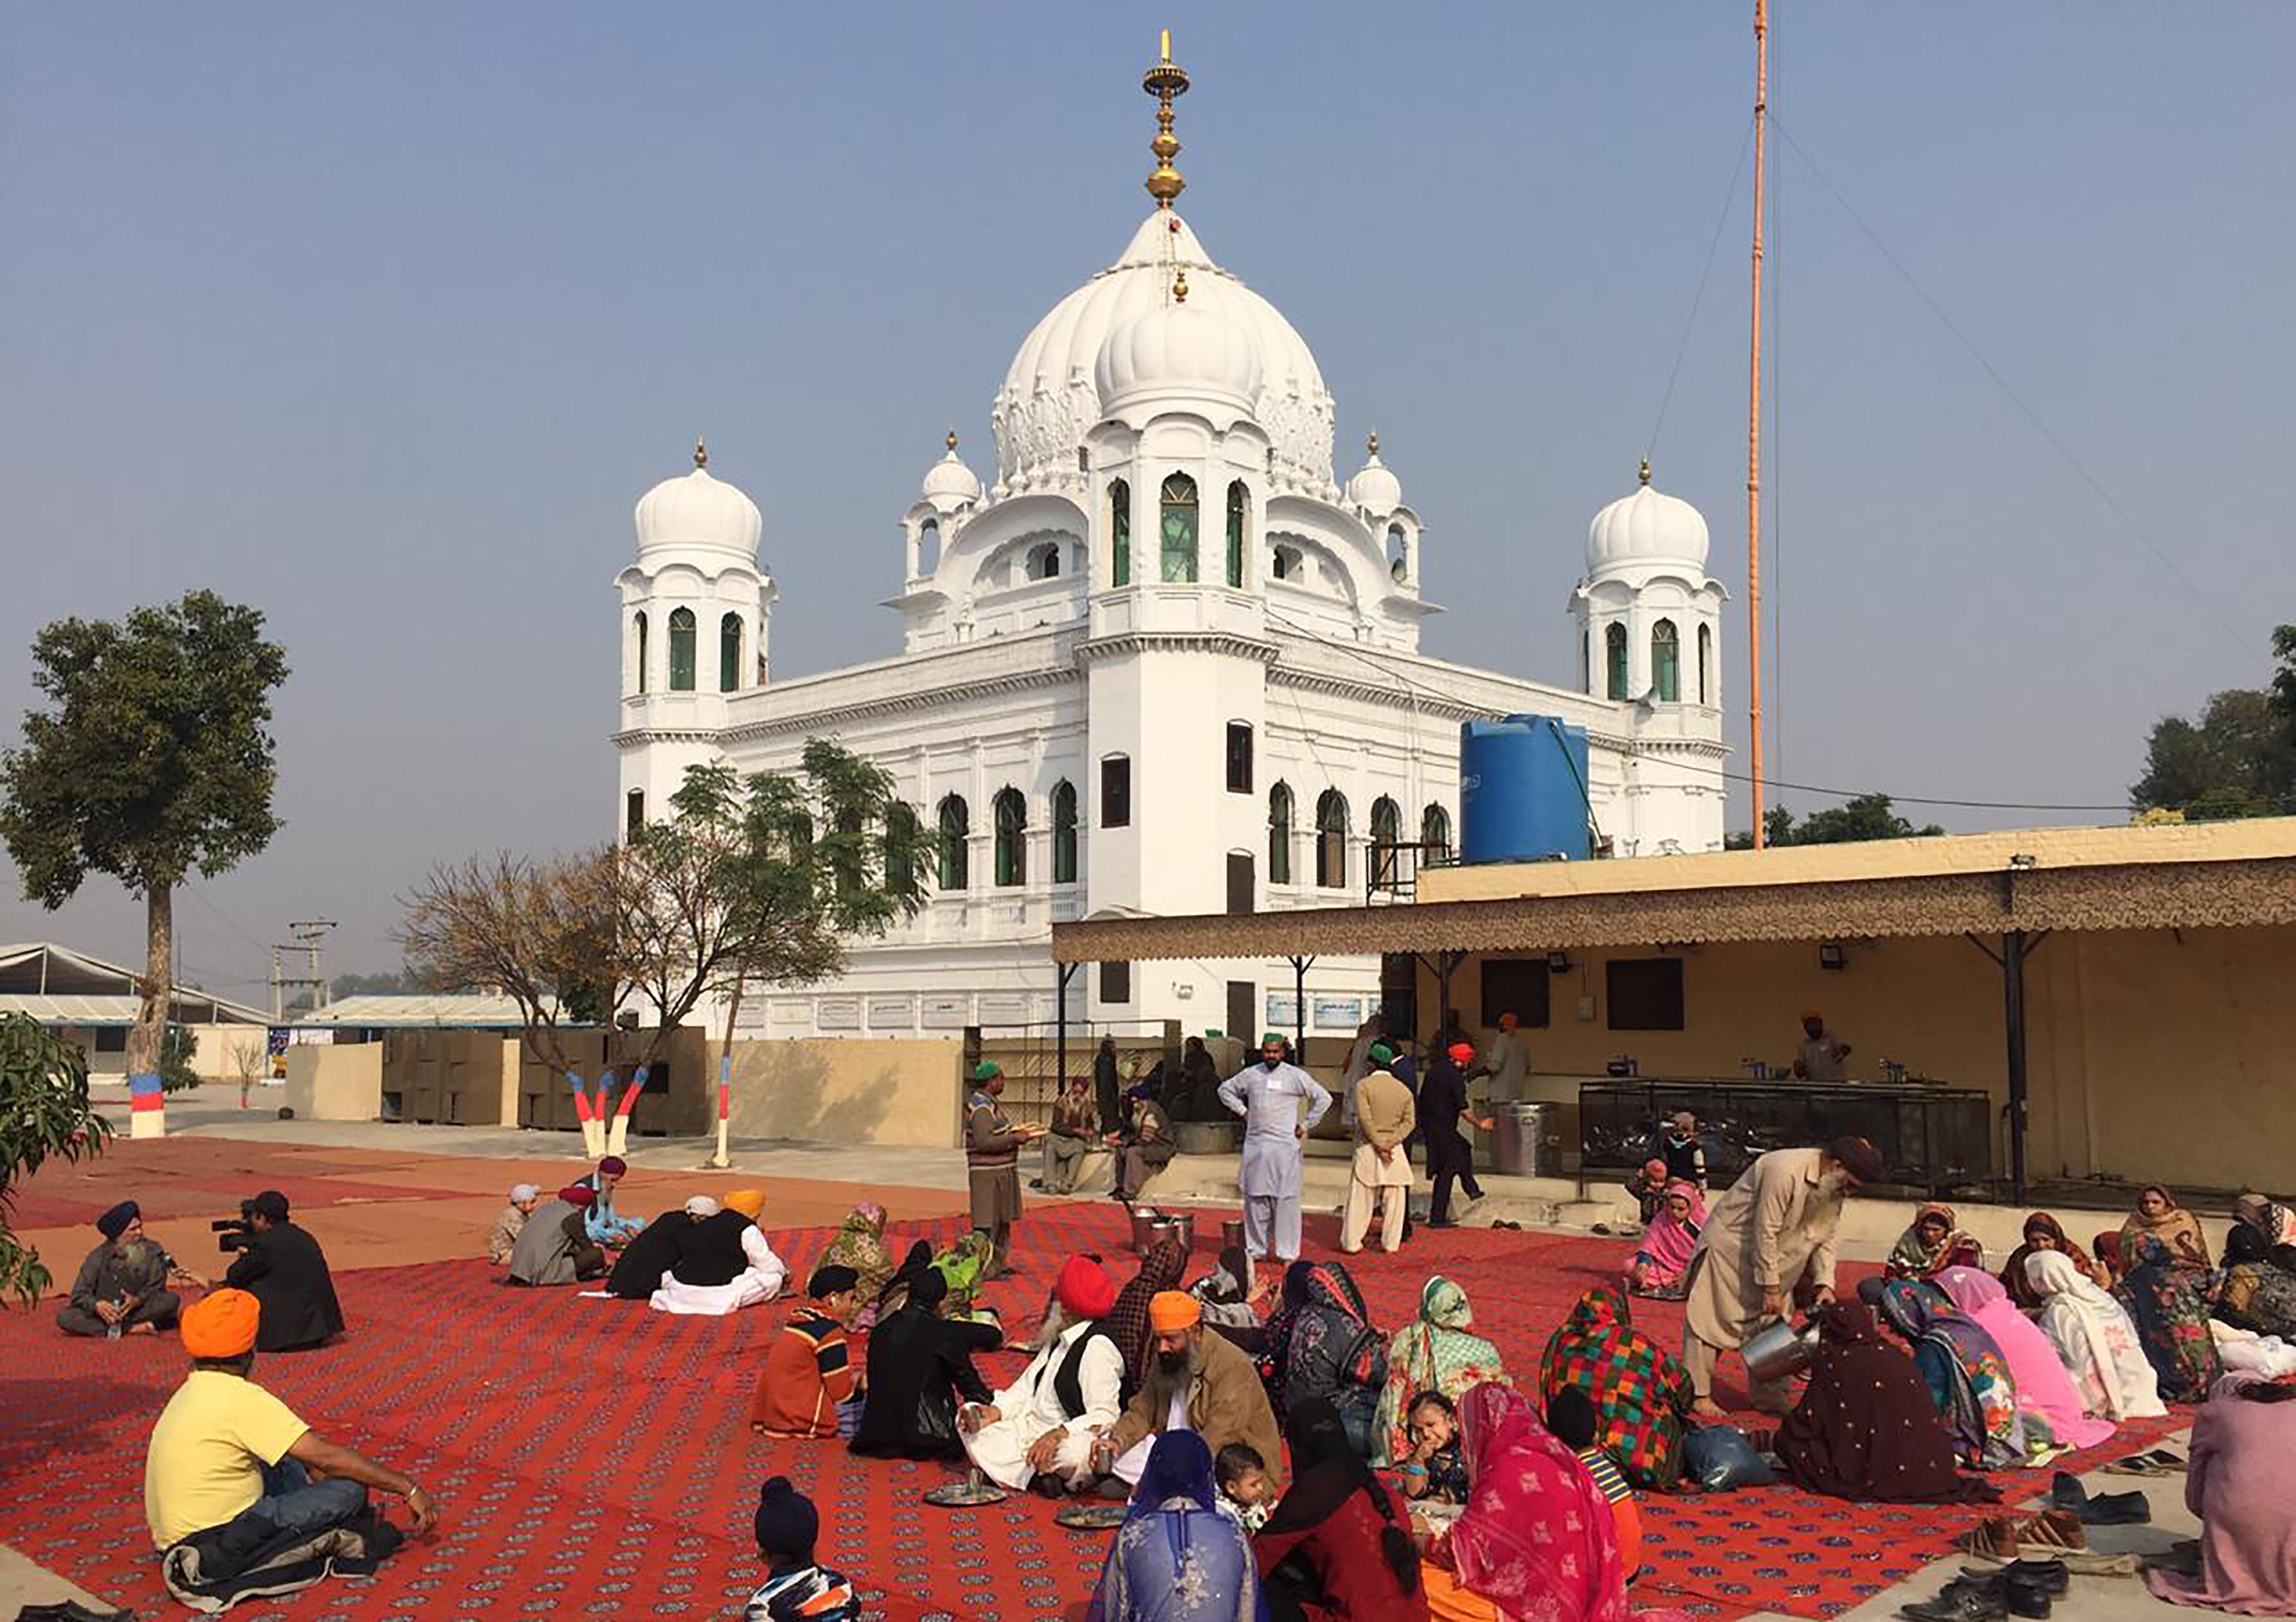 عمران خان نے ہندوستان-پاکستان کی مذہبی راہداری کا سنگِ بنیاد رکھ دیا